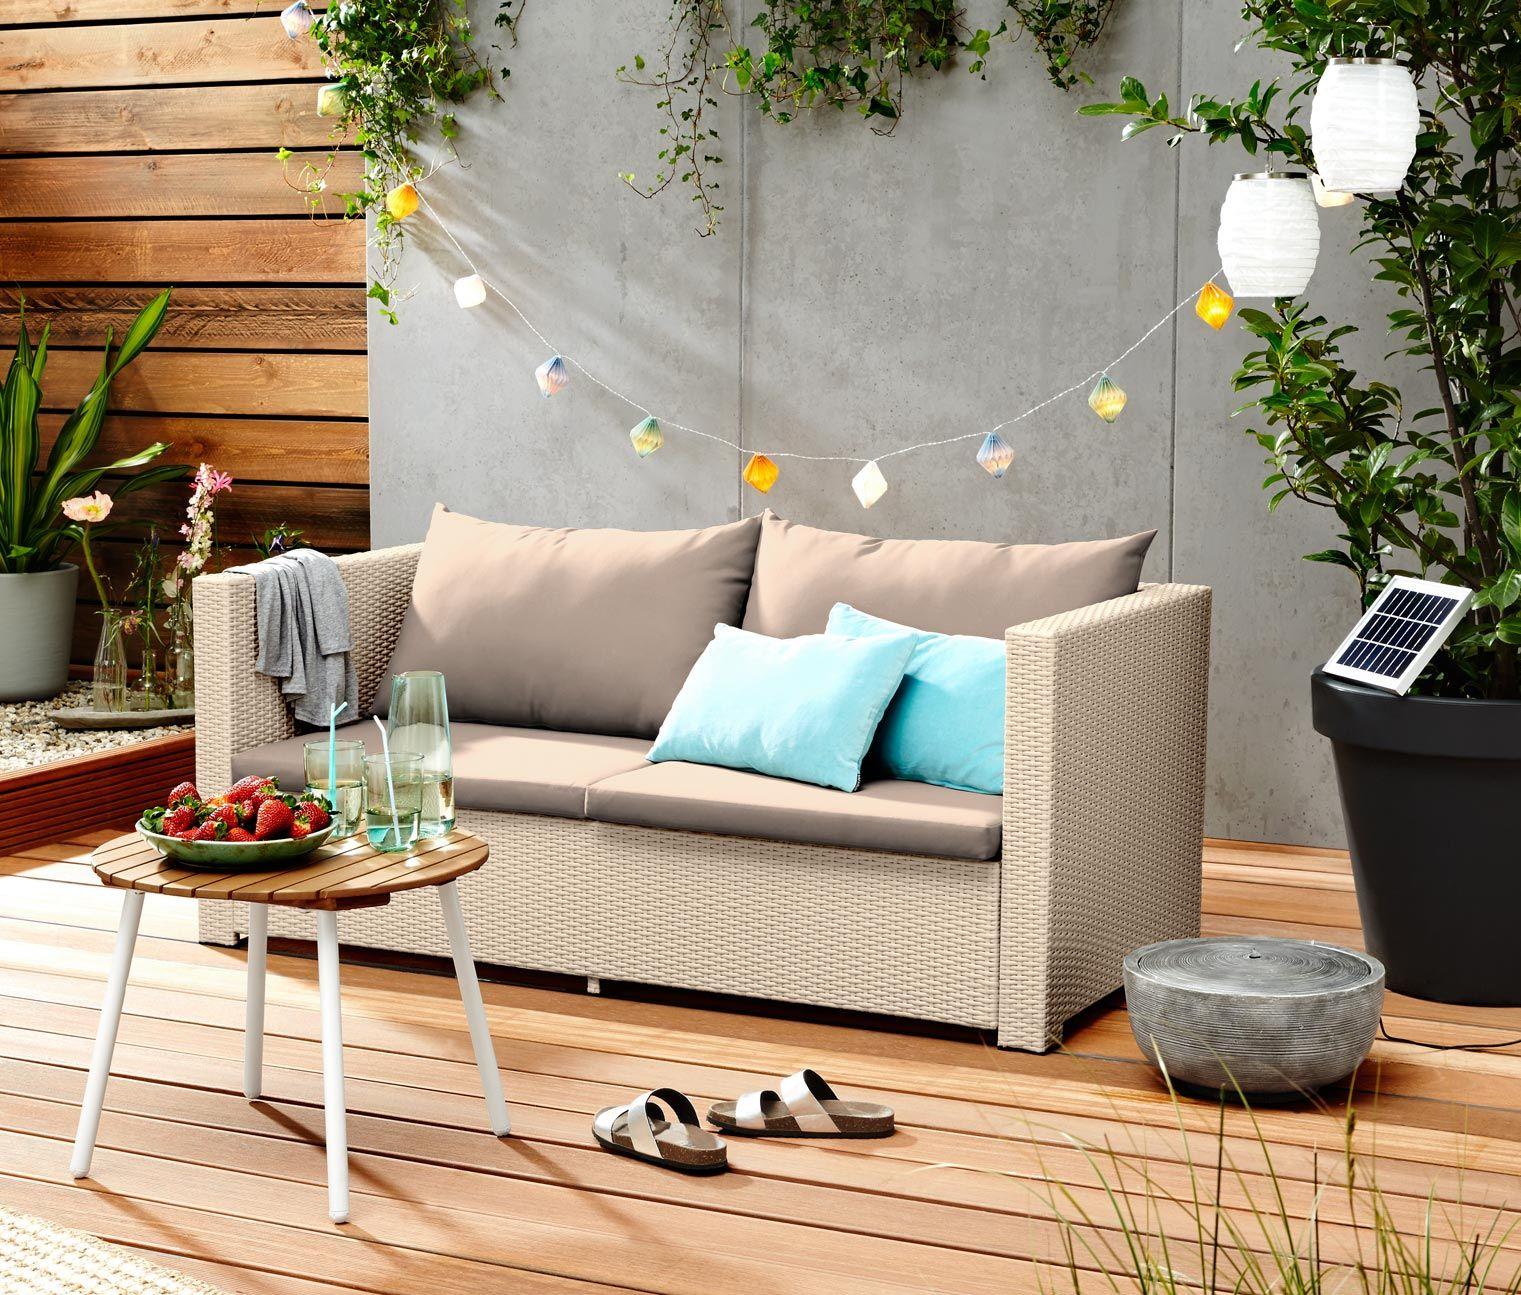 199 00 Gartenmobel Aus Witterungsbestandigem Kunststoffgeflecht Mit Diesem Gemutlichen Polyrattan Sofa Verwandelt Man Seine Sofa Furniture Outdoor Furniture